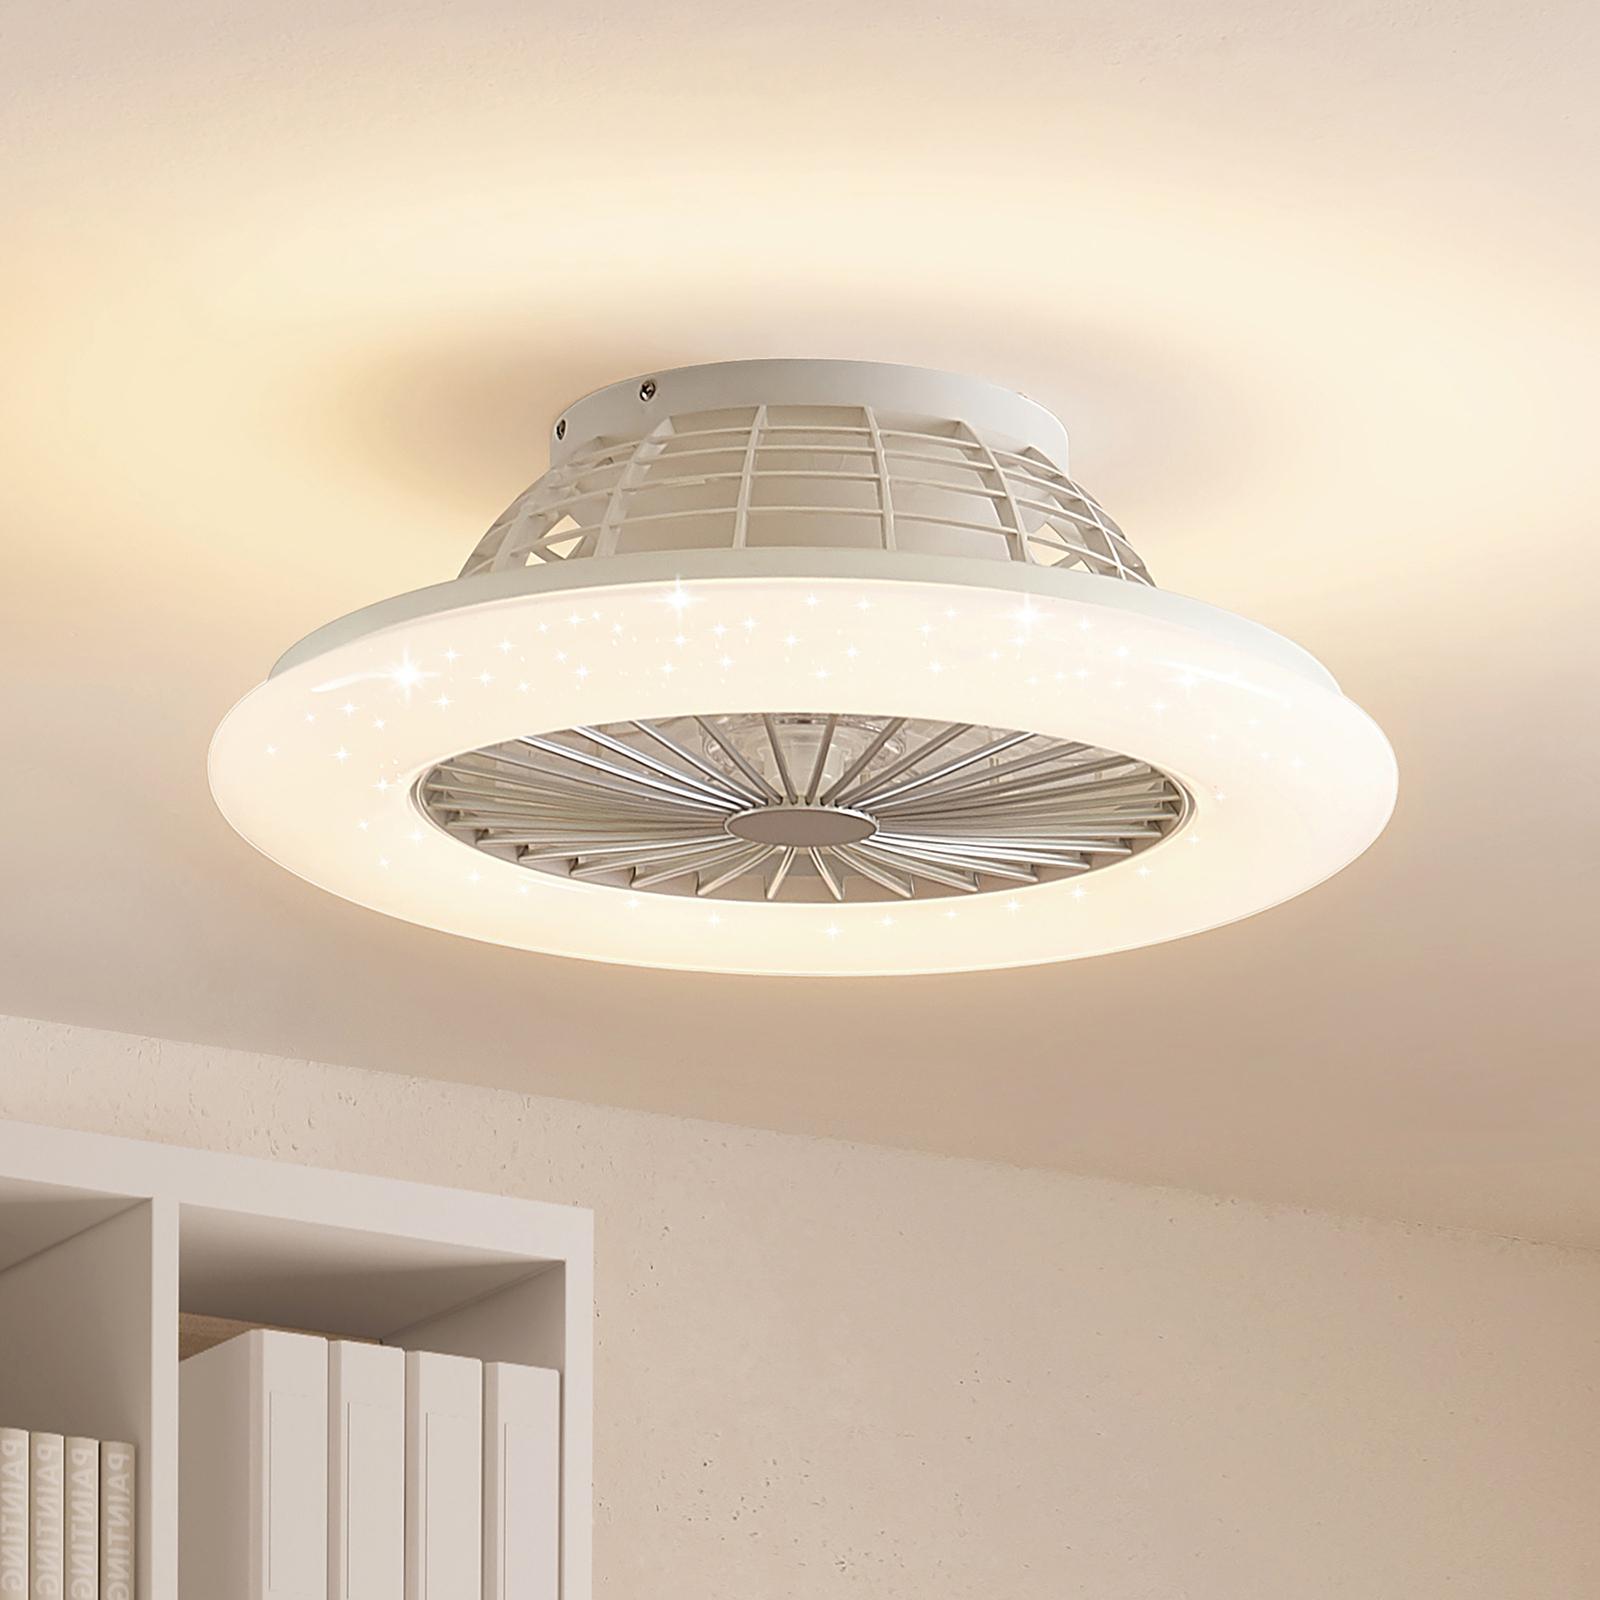 Starluna Taloni LED stropní ventilátor osvětlením